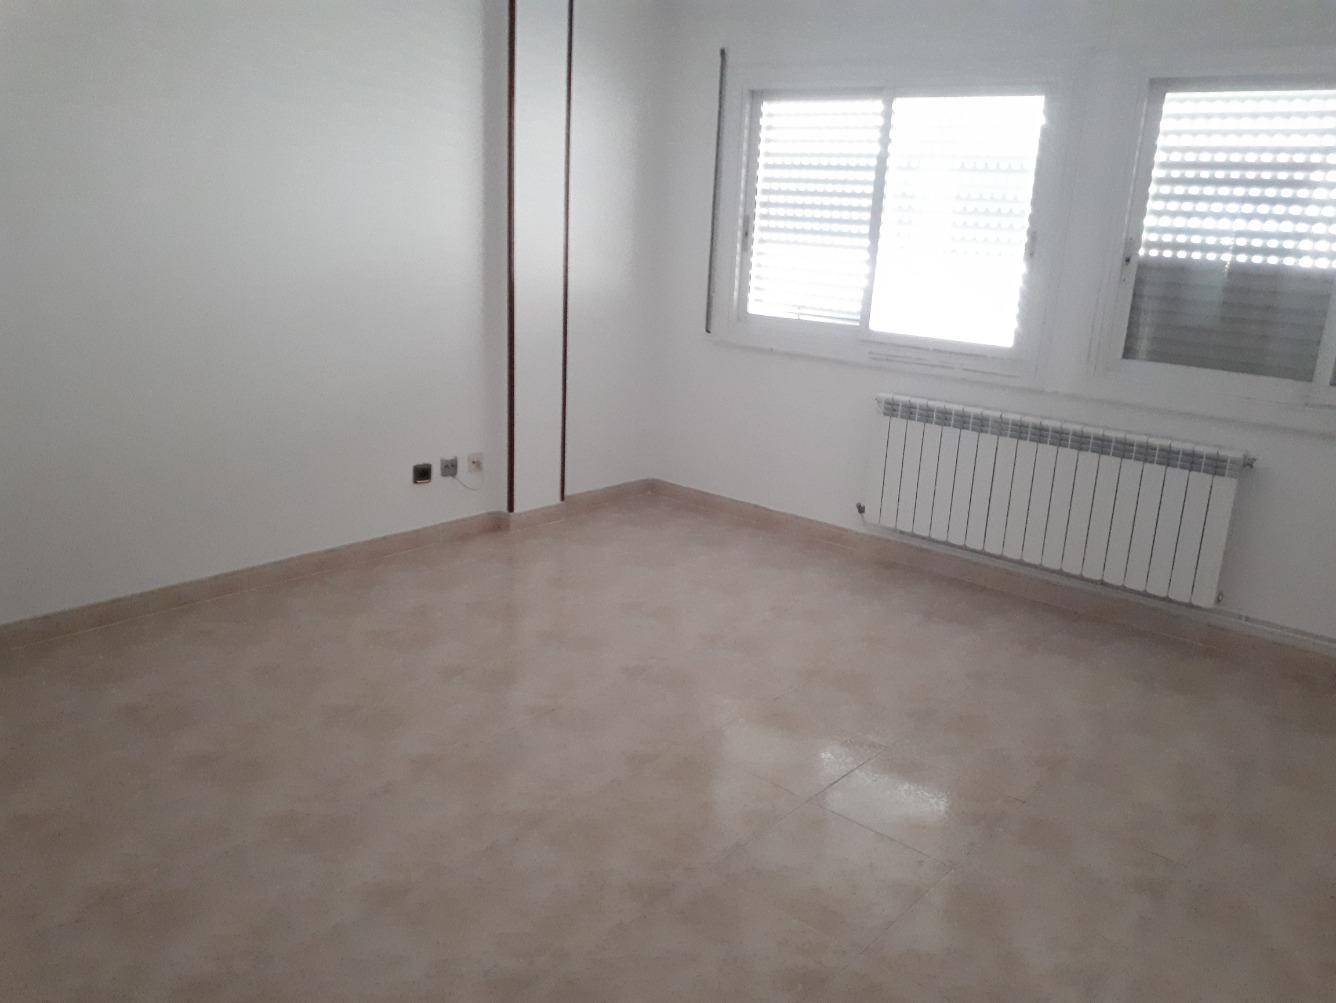 Lloguer Pis  Calle bellmunt. Piso de 2 dormitorios, 1 baño completo, cocina equipada, salón,